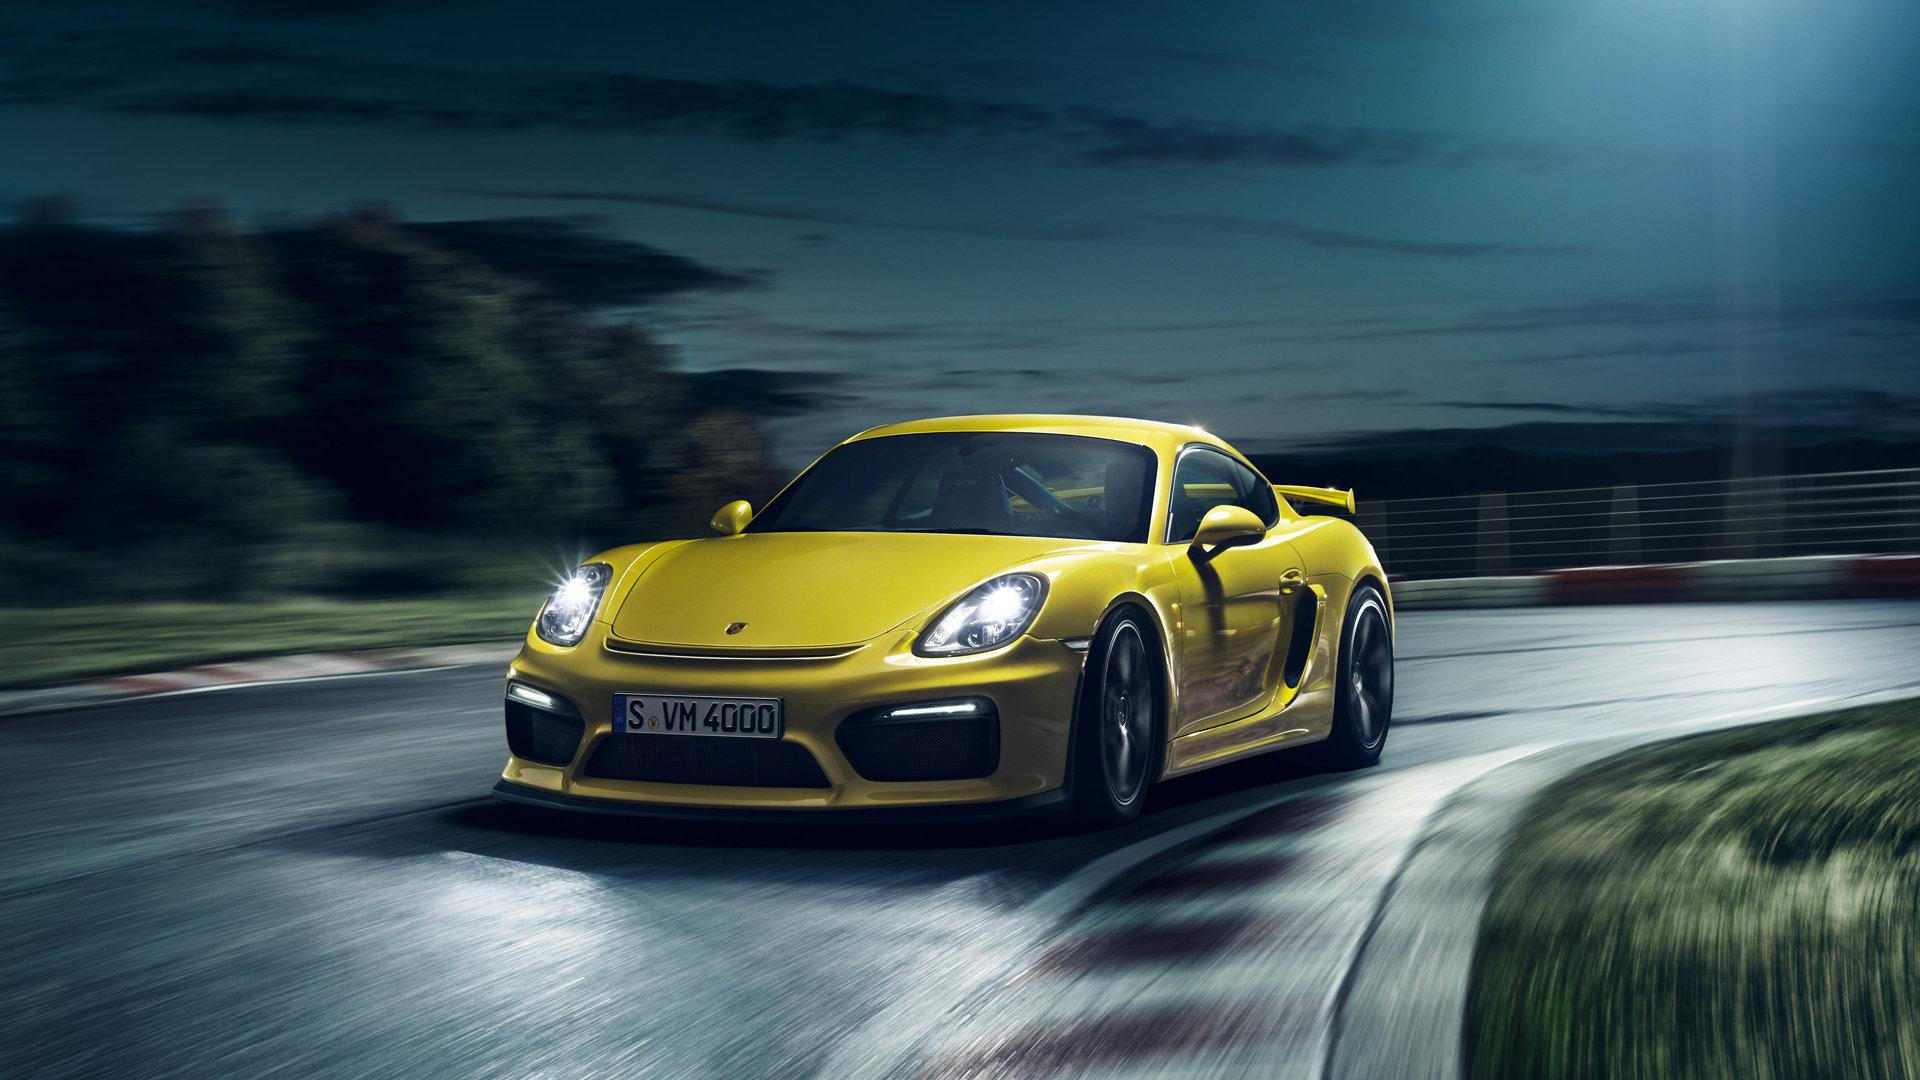 Porsche Cayman Gt4 Wallpapers 1920x1080 Full Hd 1080p Desktop Backgrounds